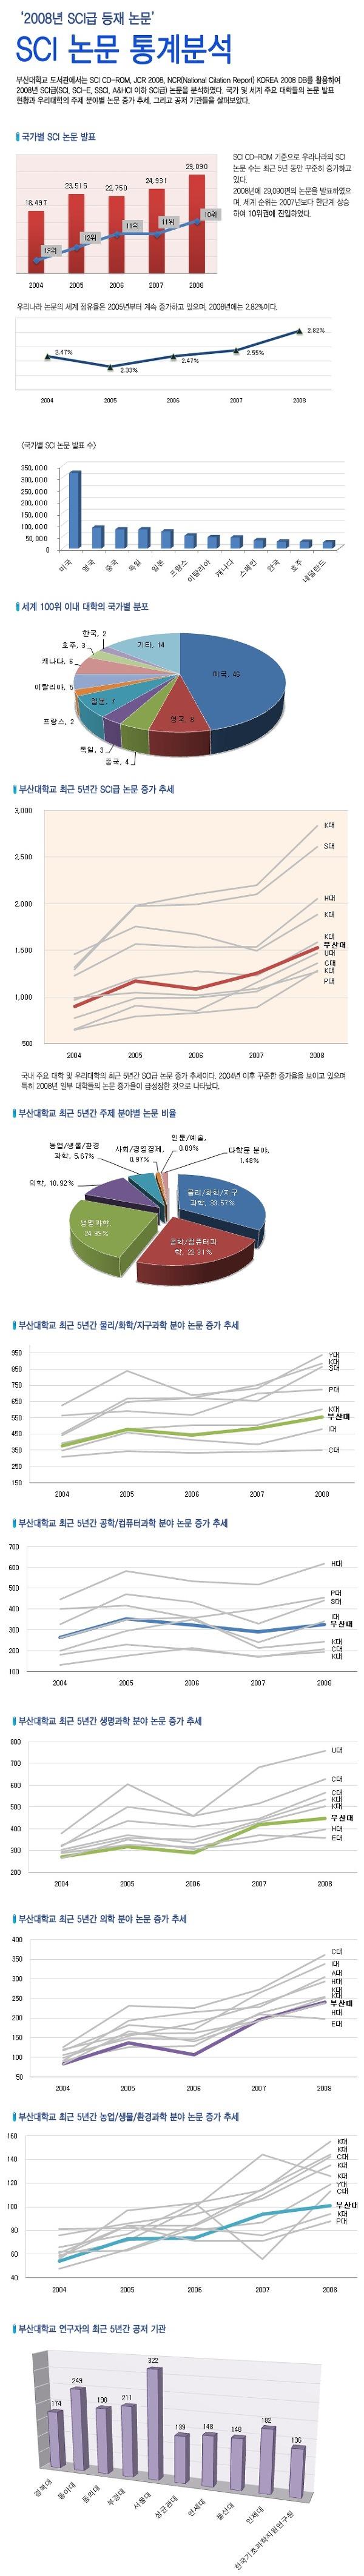 [16호] SCI 논문 통계분석